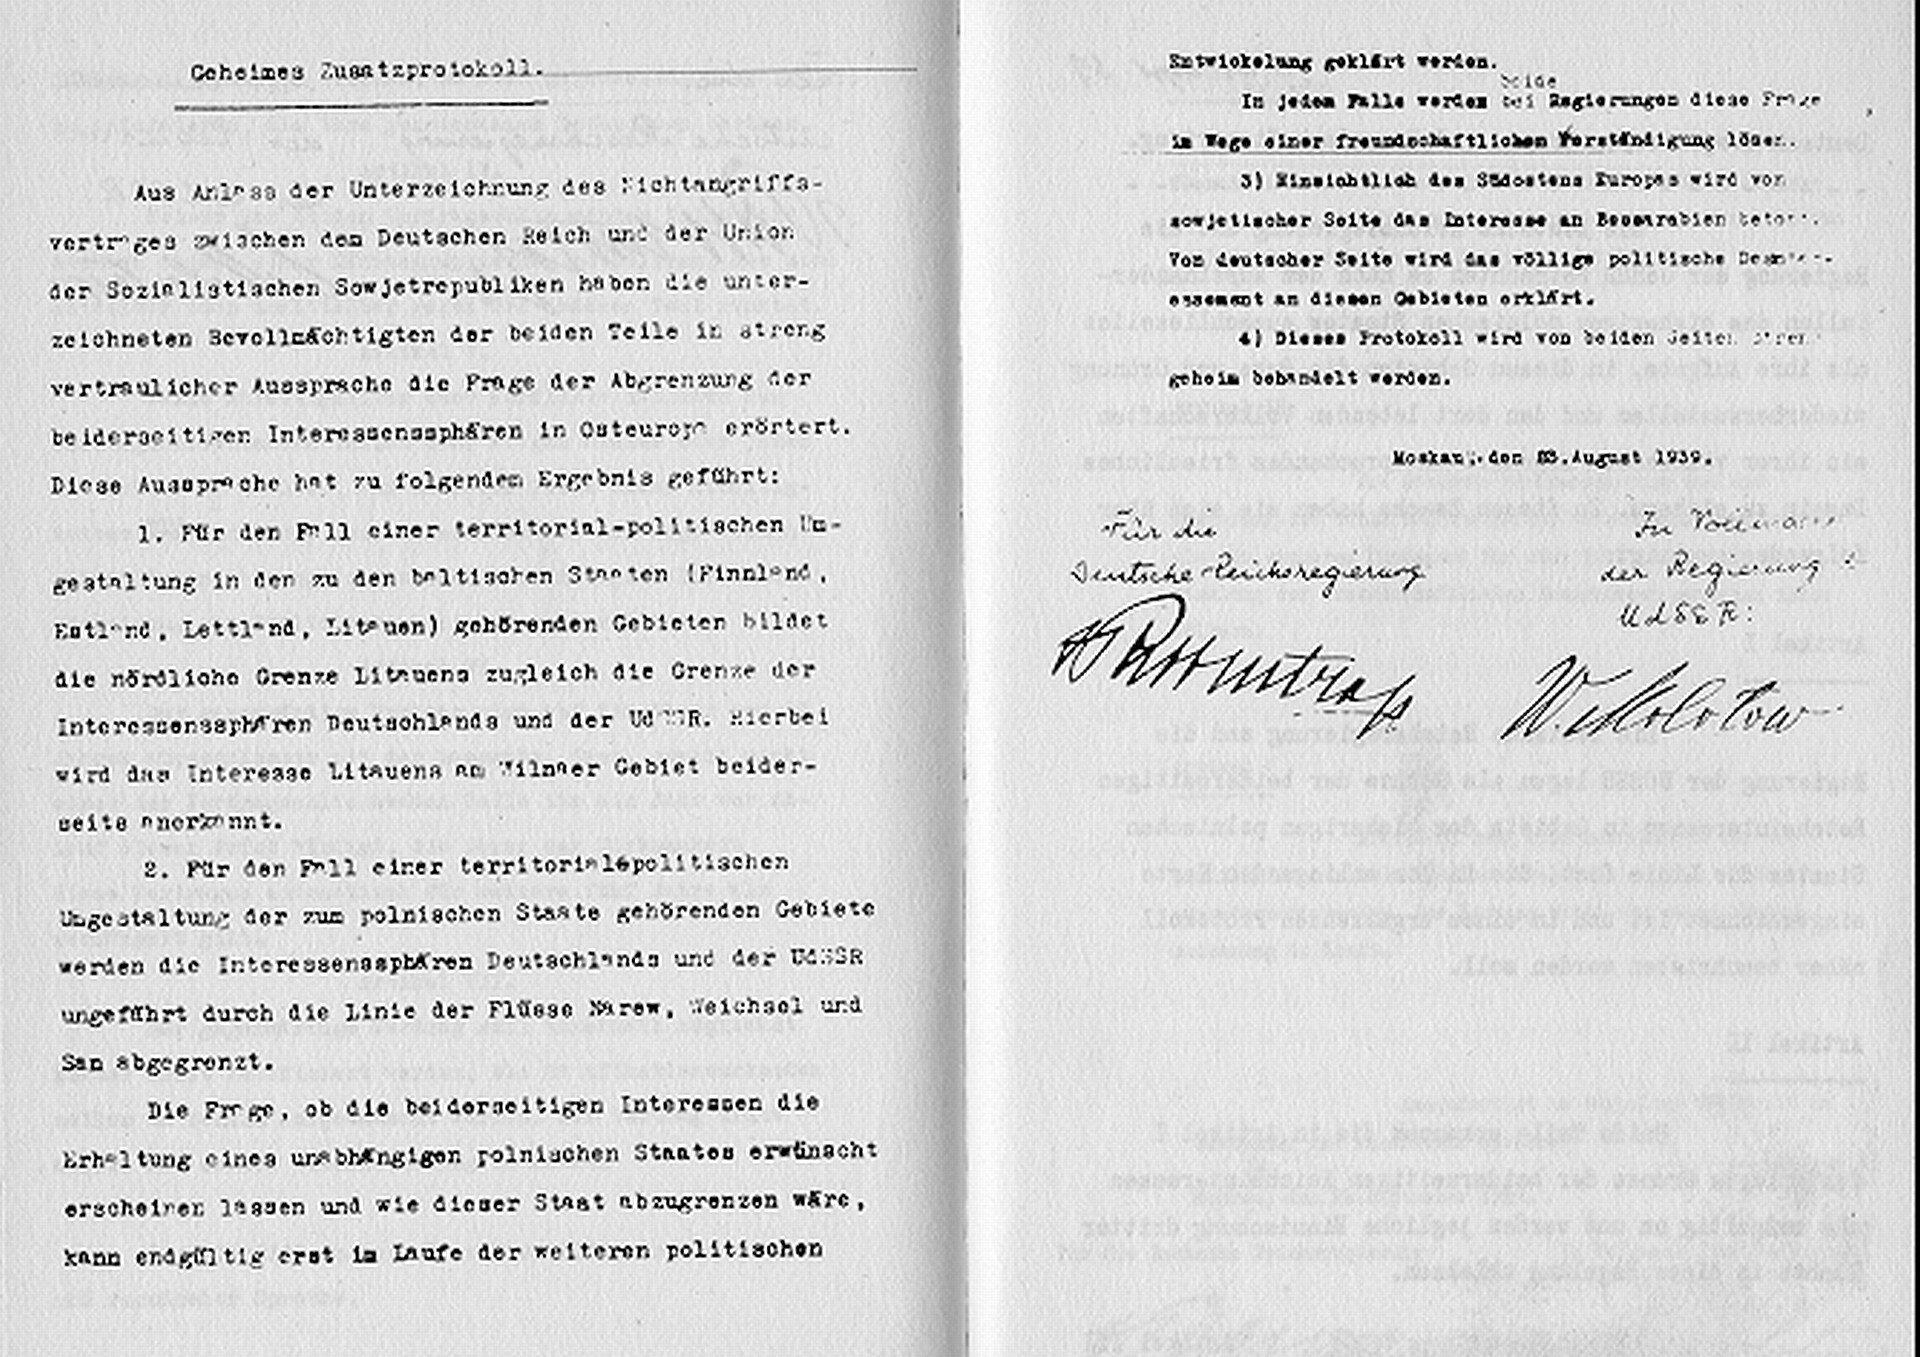 Traktat zpodpisami sygnatariuszy Źródło: Traktat zpodpisami sygnatariuszy, Fotografia, domena publiczna.